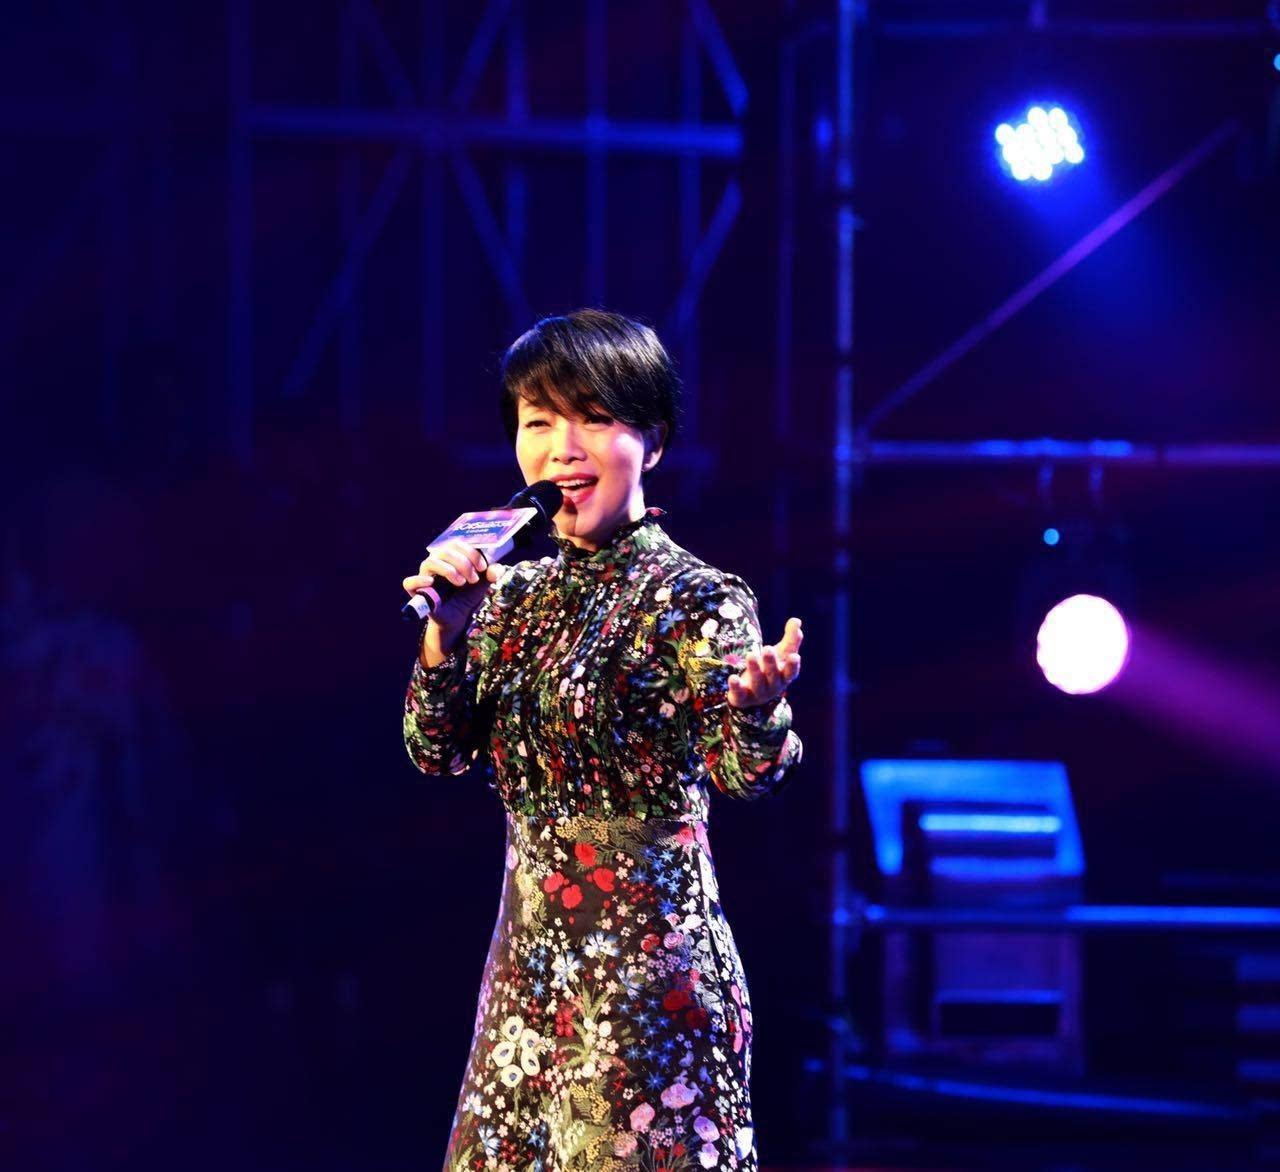 陈明�\��m���y��_著名歌手陈明担任评委并现场演唱歌曲